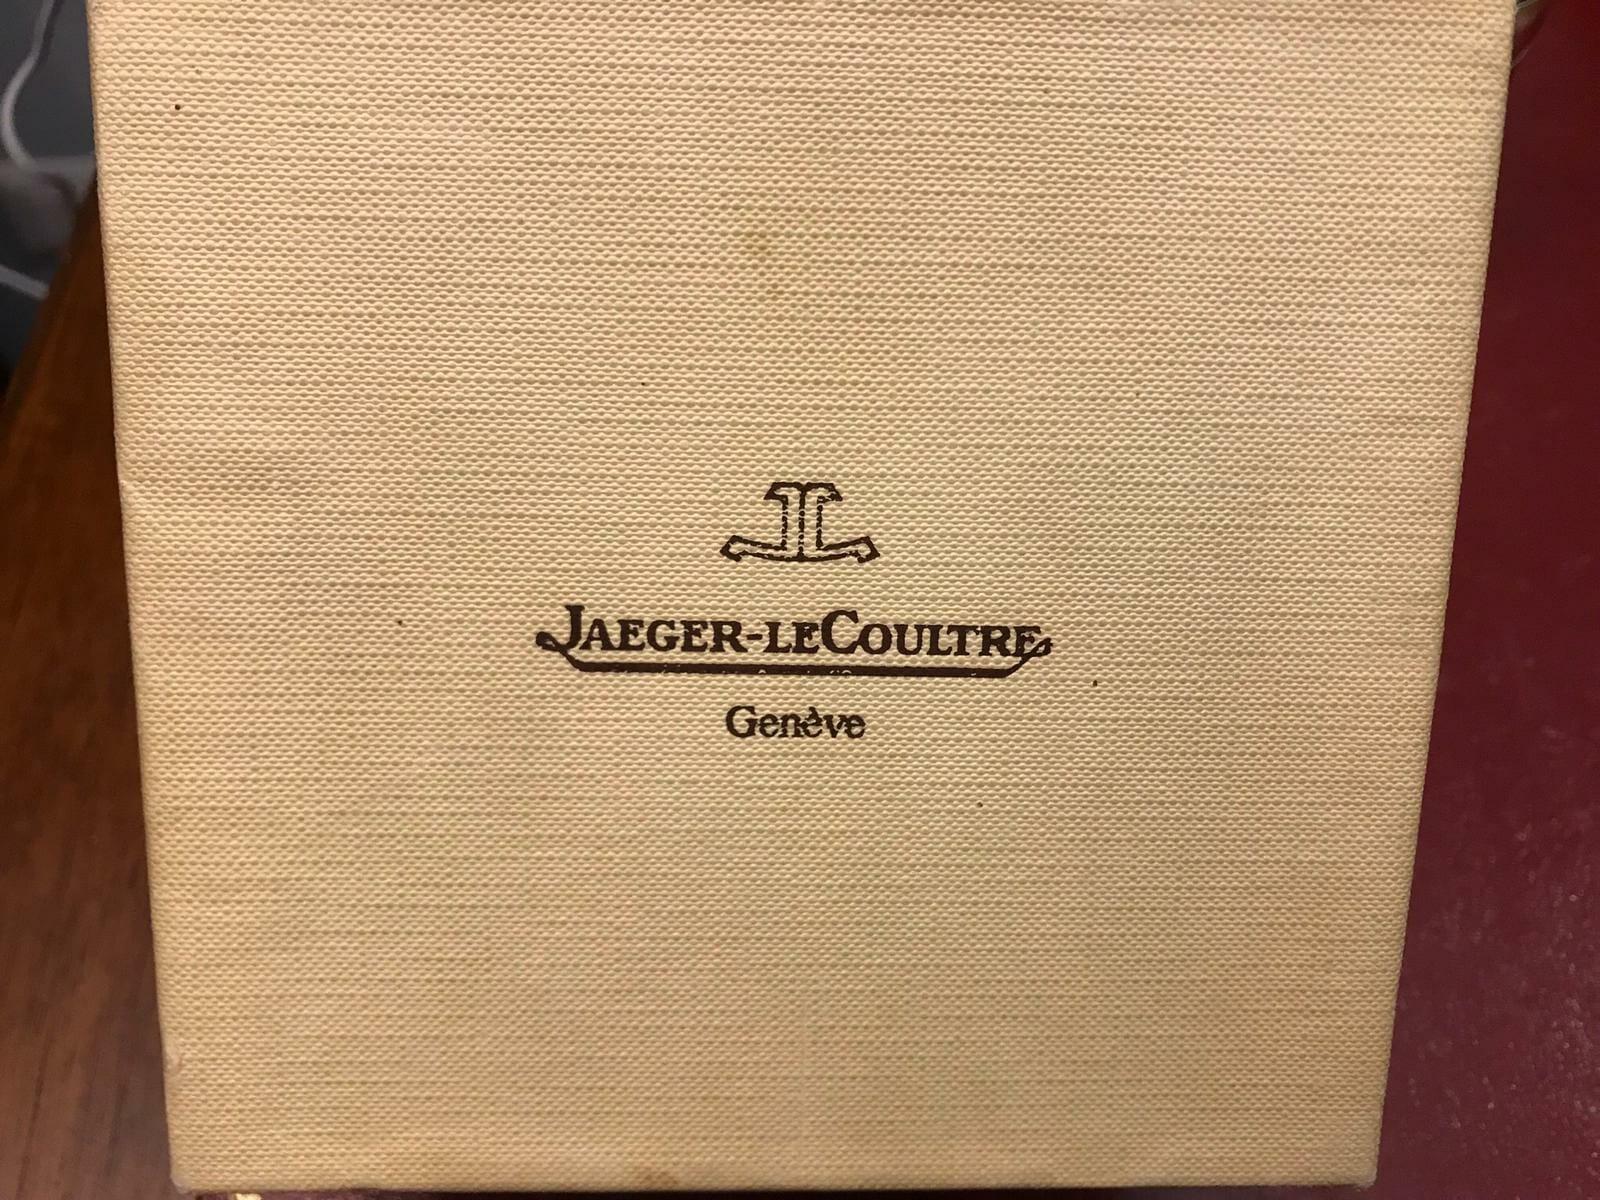 Jaeger LeCoultre svegliarino 3